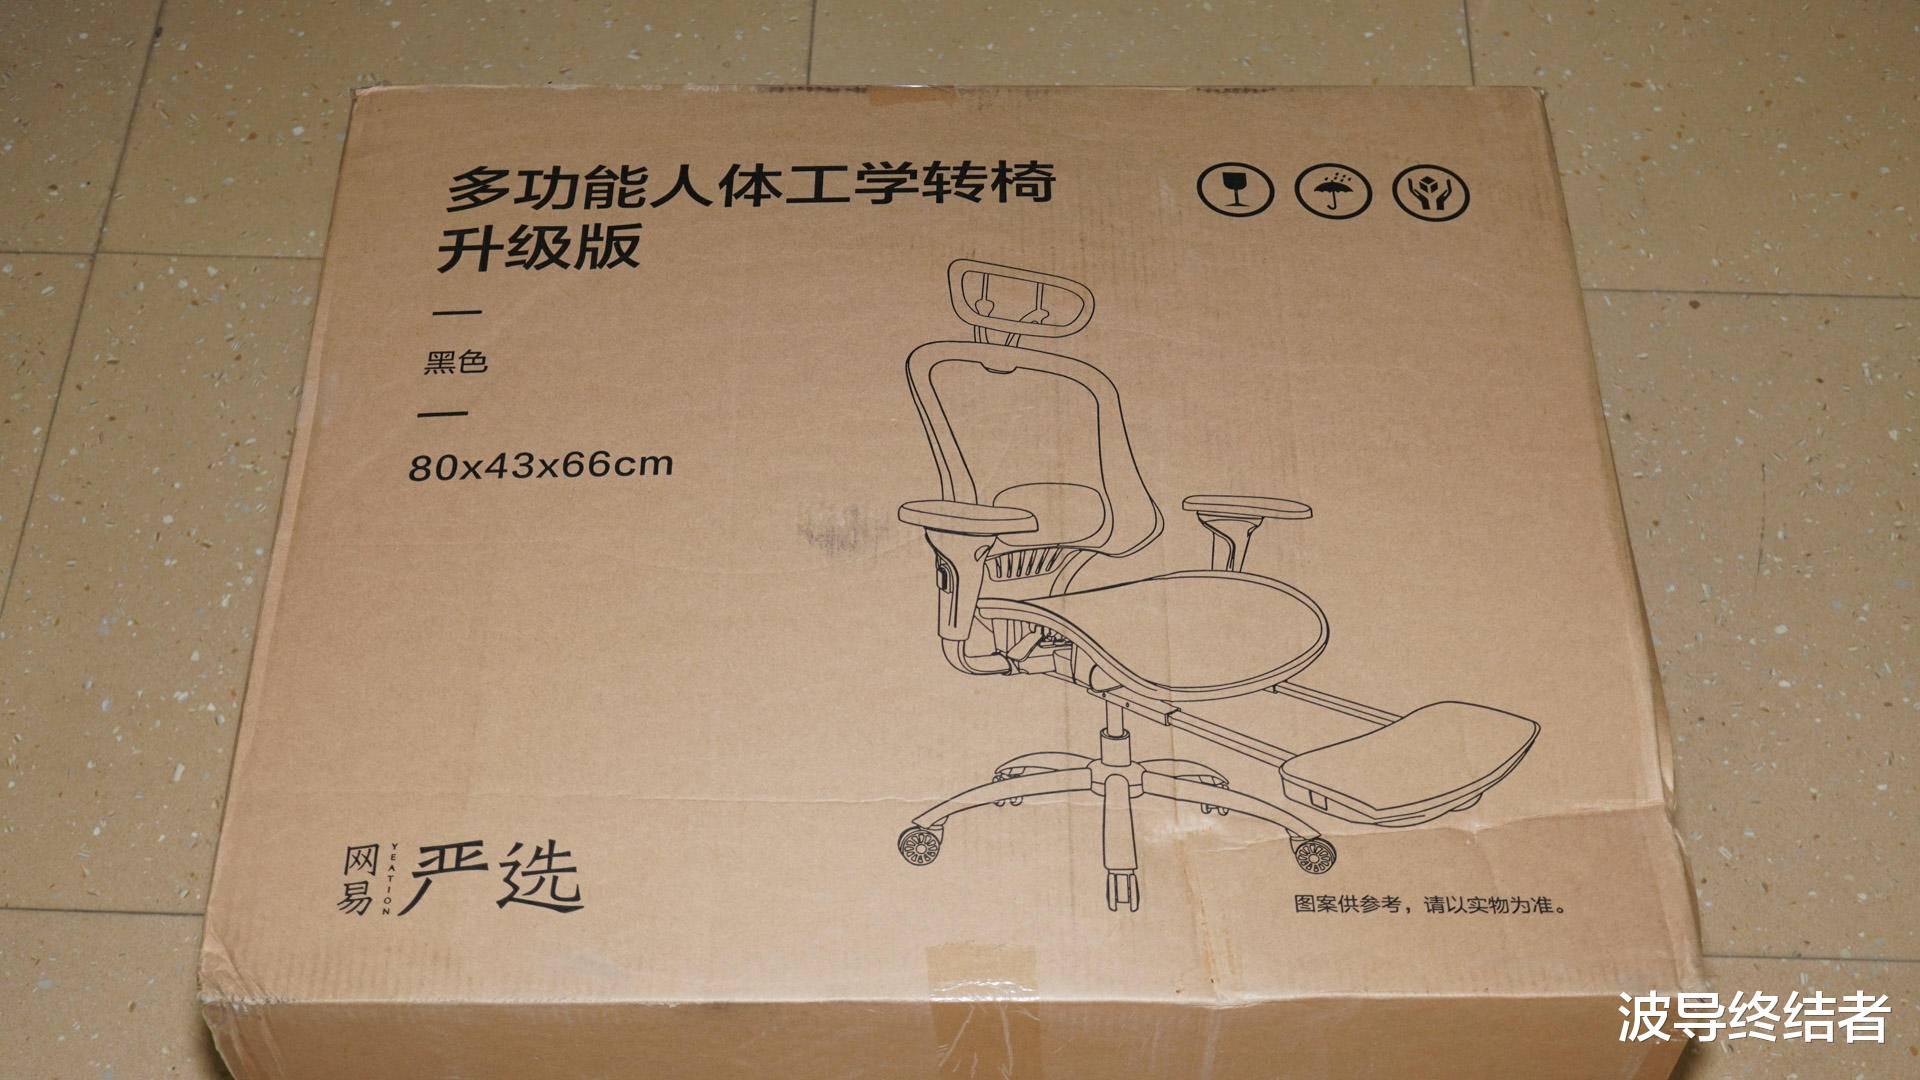 剑灵之浪迹天涯_高性价比千元级躺赢宝 - 网易严选人体工学椅